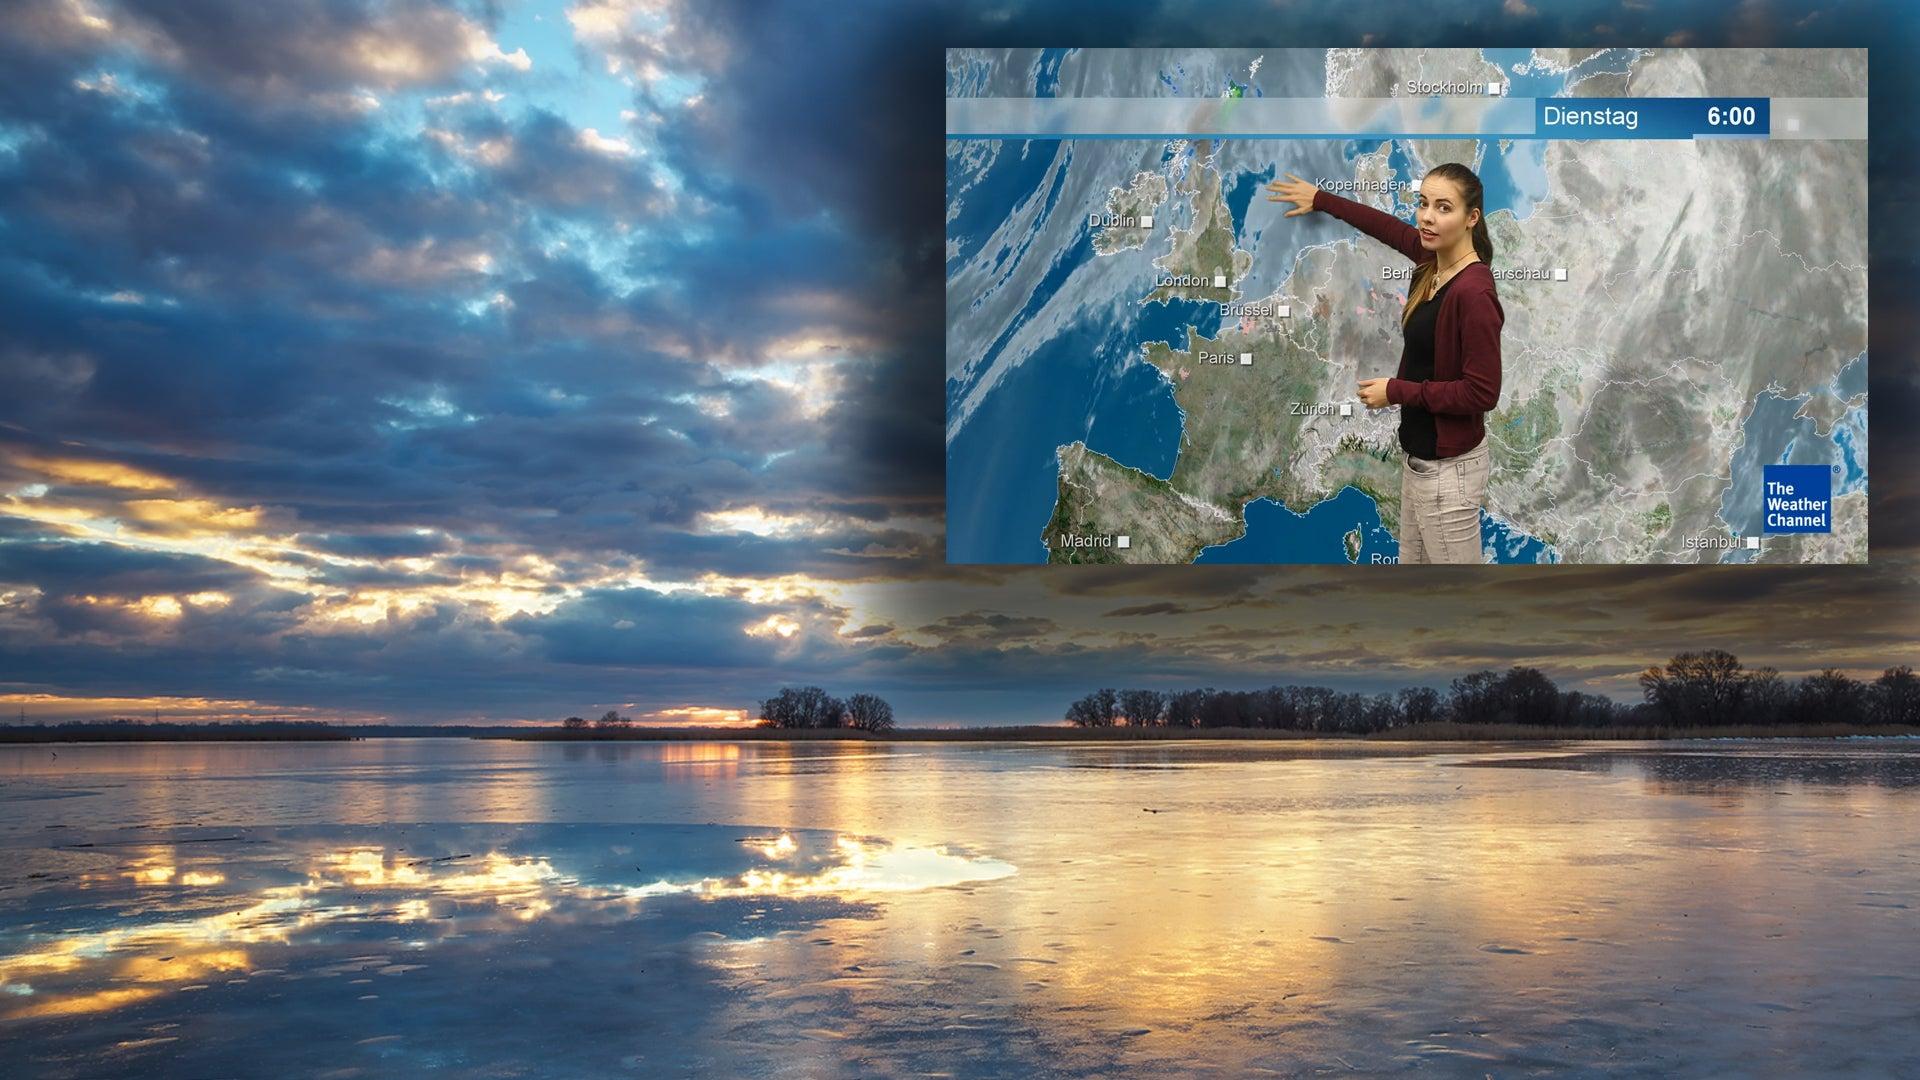 Nordwestströmung bringt Neuschnee und stürmischen Wind